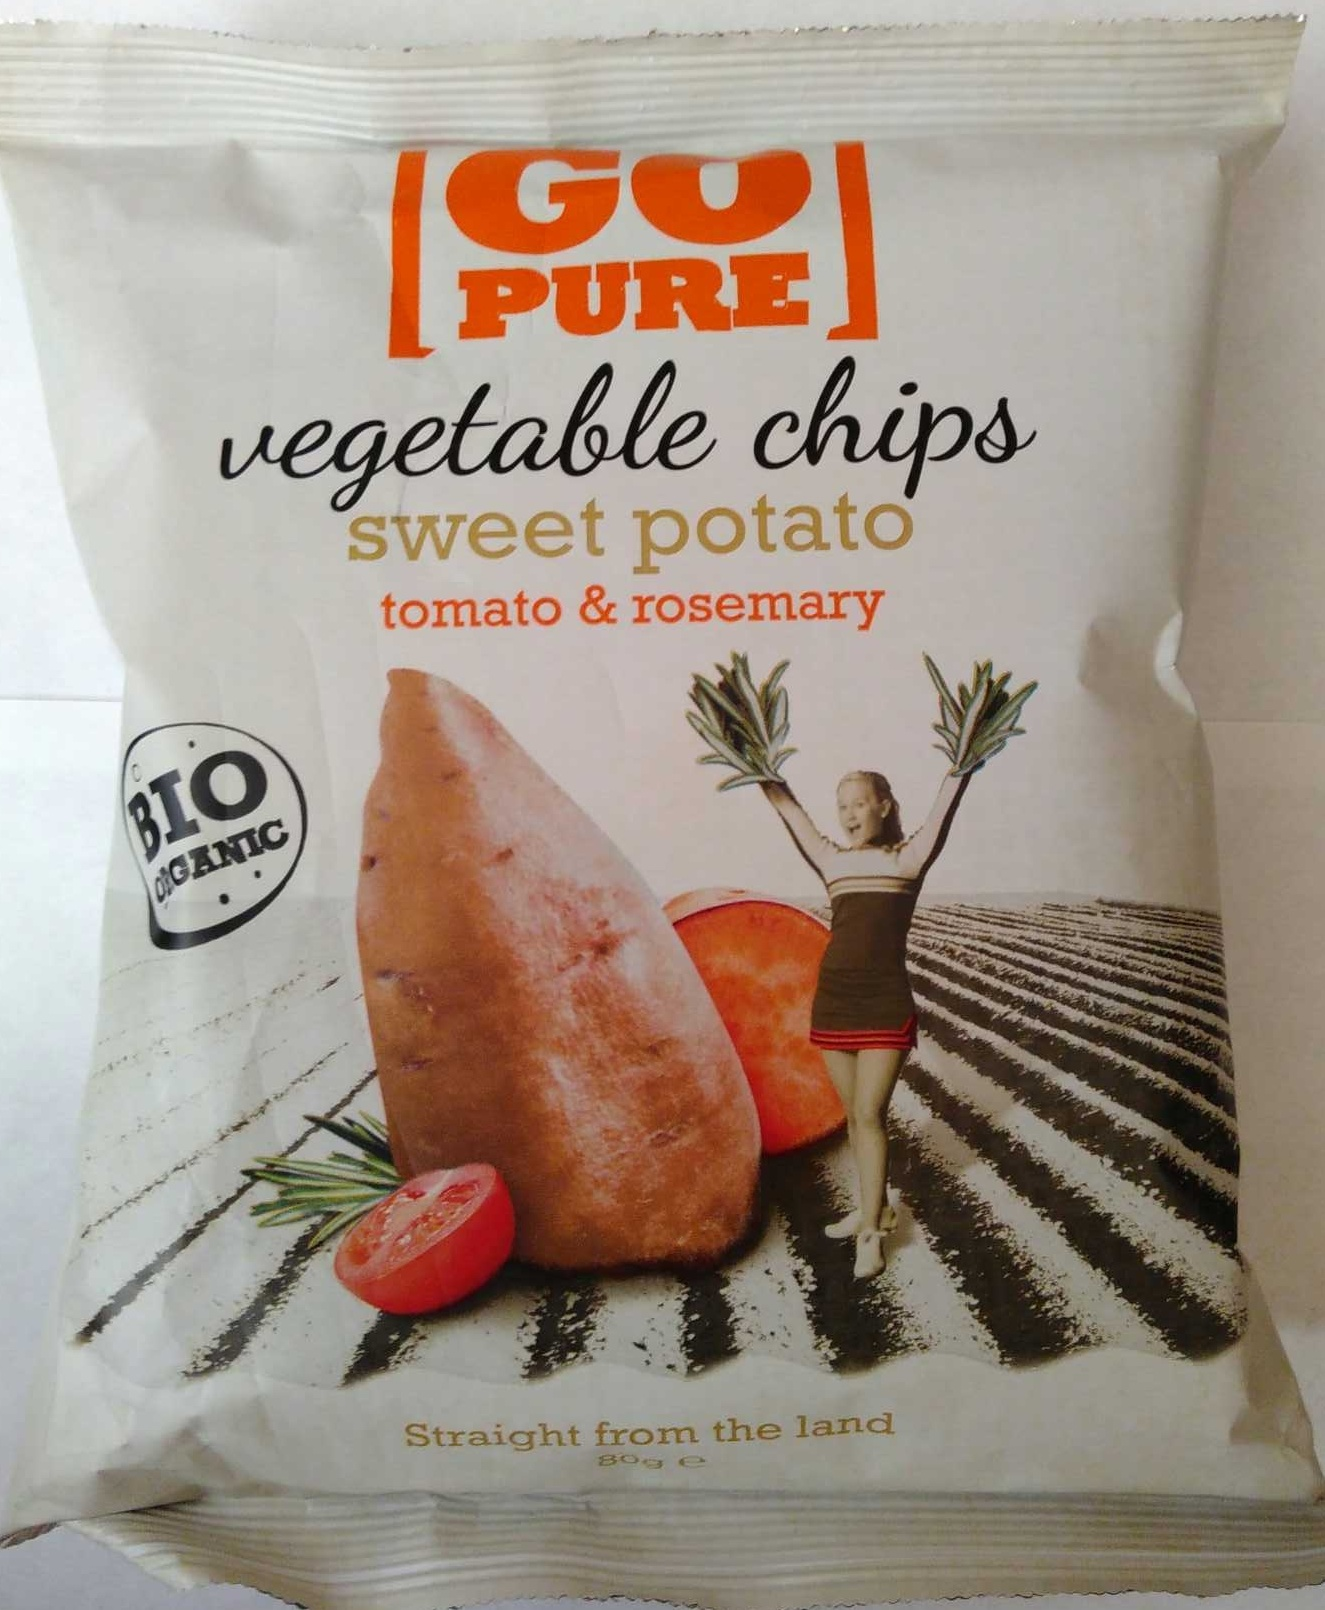 Vegetable Chips Sweet Potatoe, tomato & rosemary - Produkt